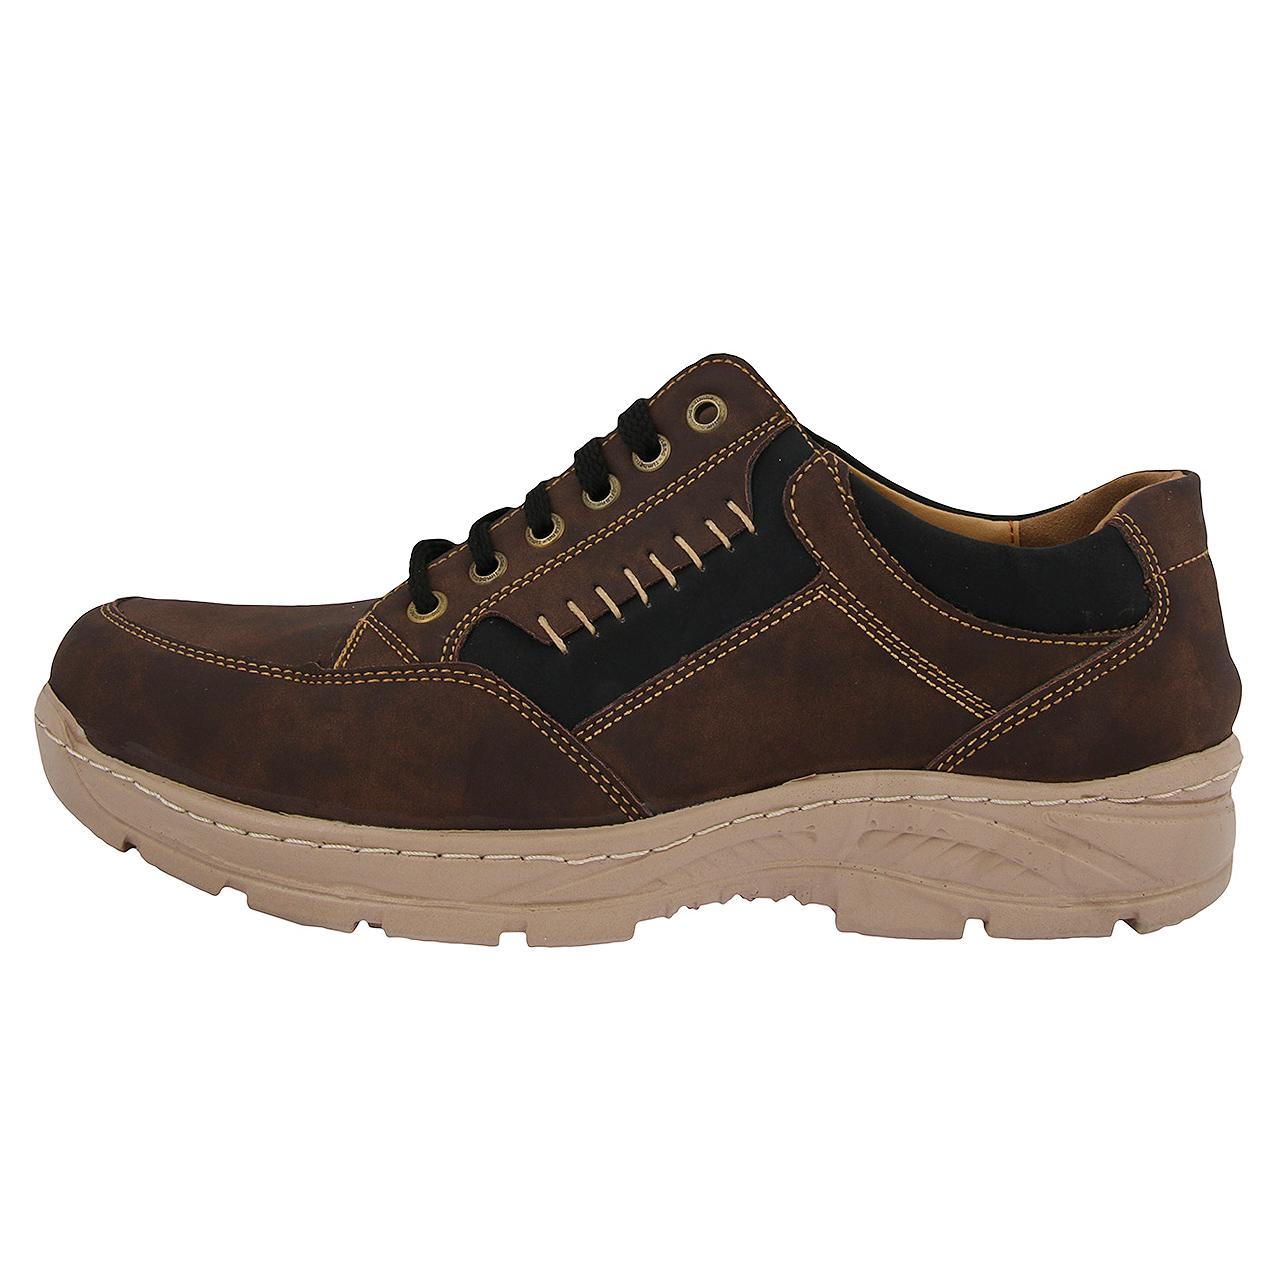 کفش راحتی مردانه طرح ریل کد 280003108